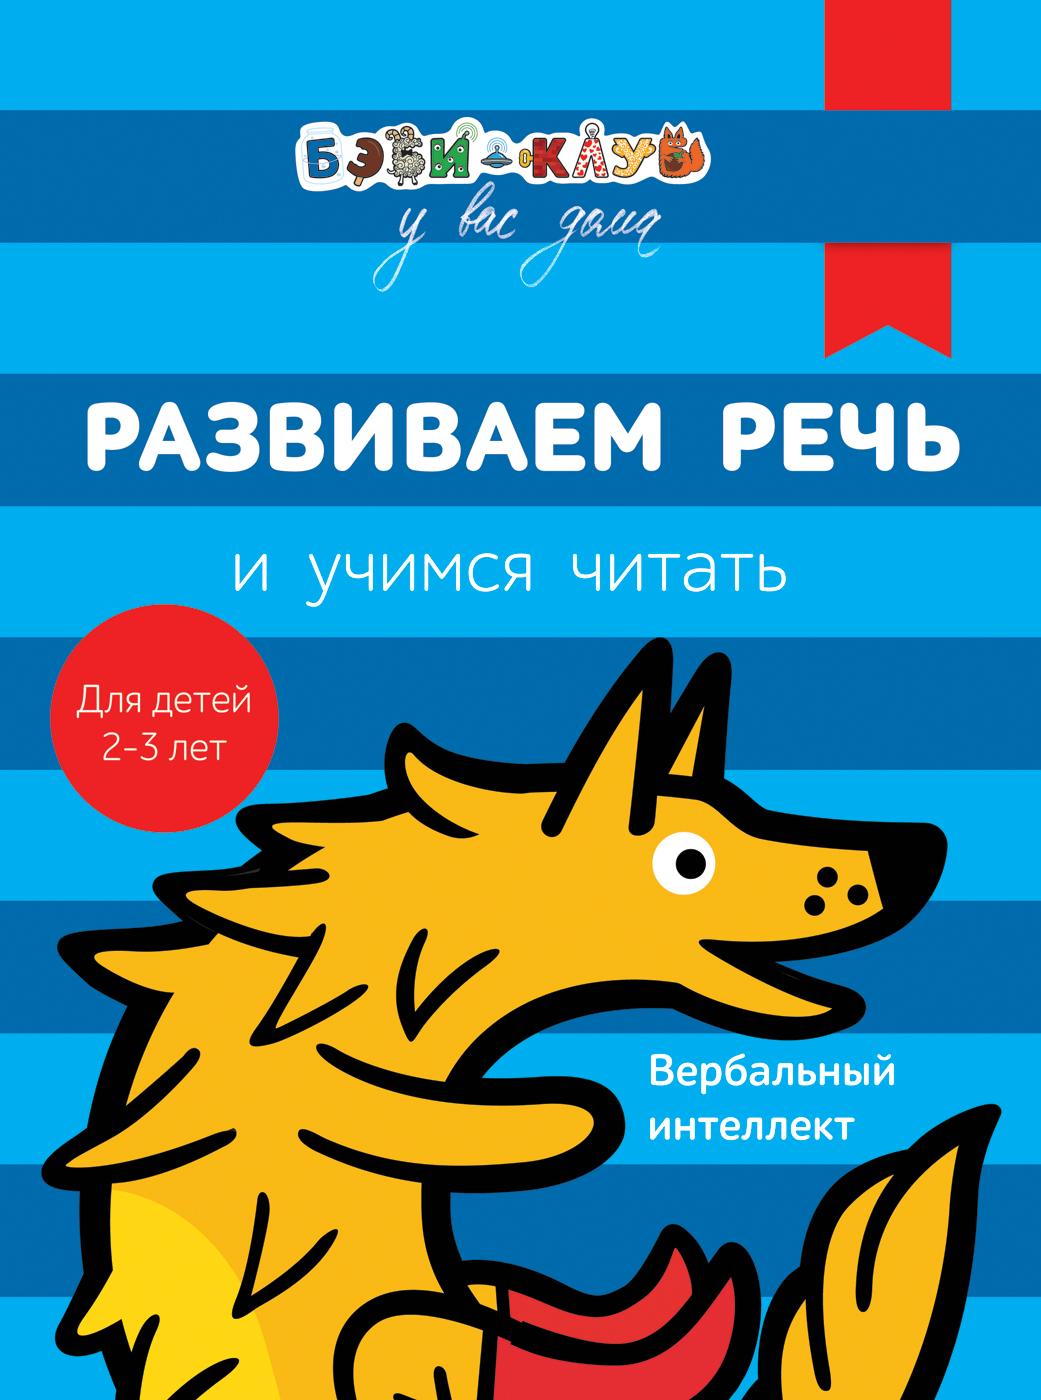 А. Кизилова, Г. Зюзько Бэби-клуб. Развиваем речь и учимся читать. Для детей 2-3 лет росмэн бэби клуб развиваем речь и учимся читать